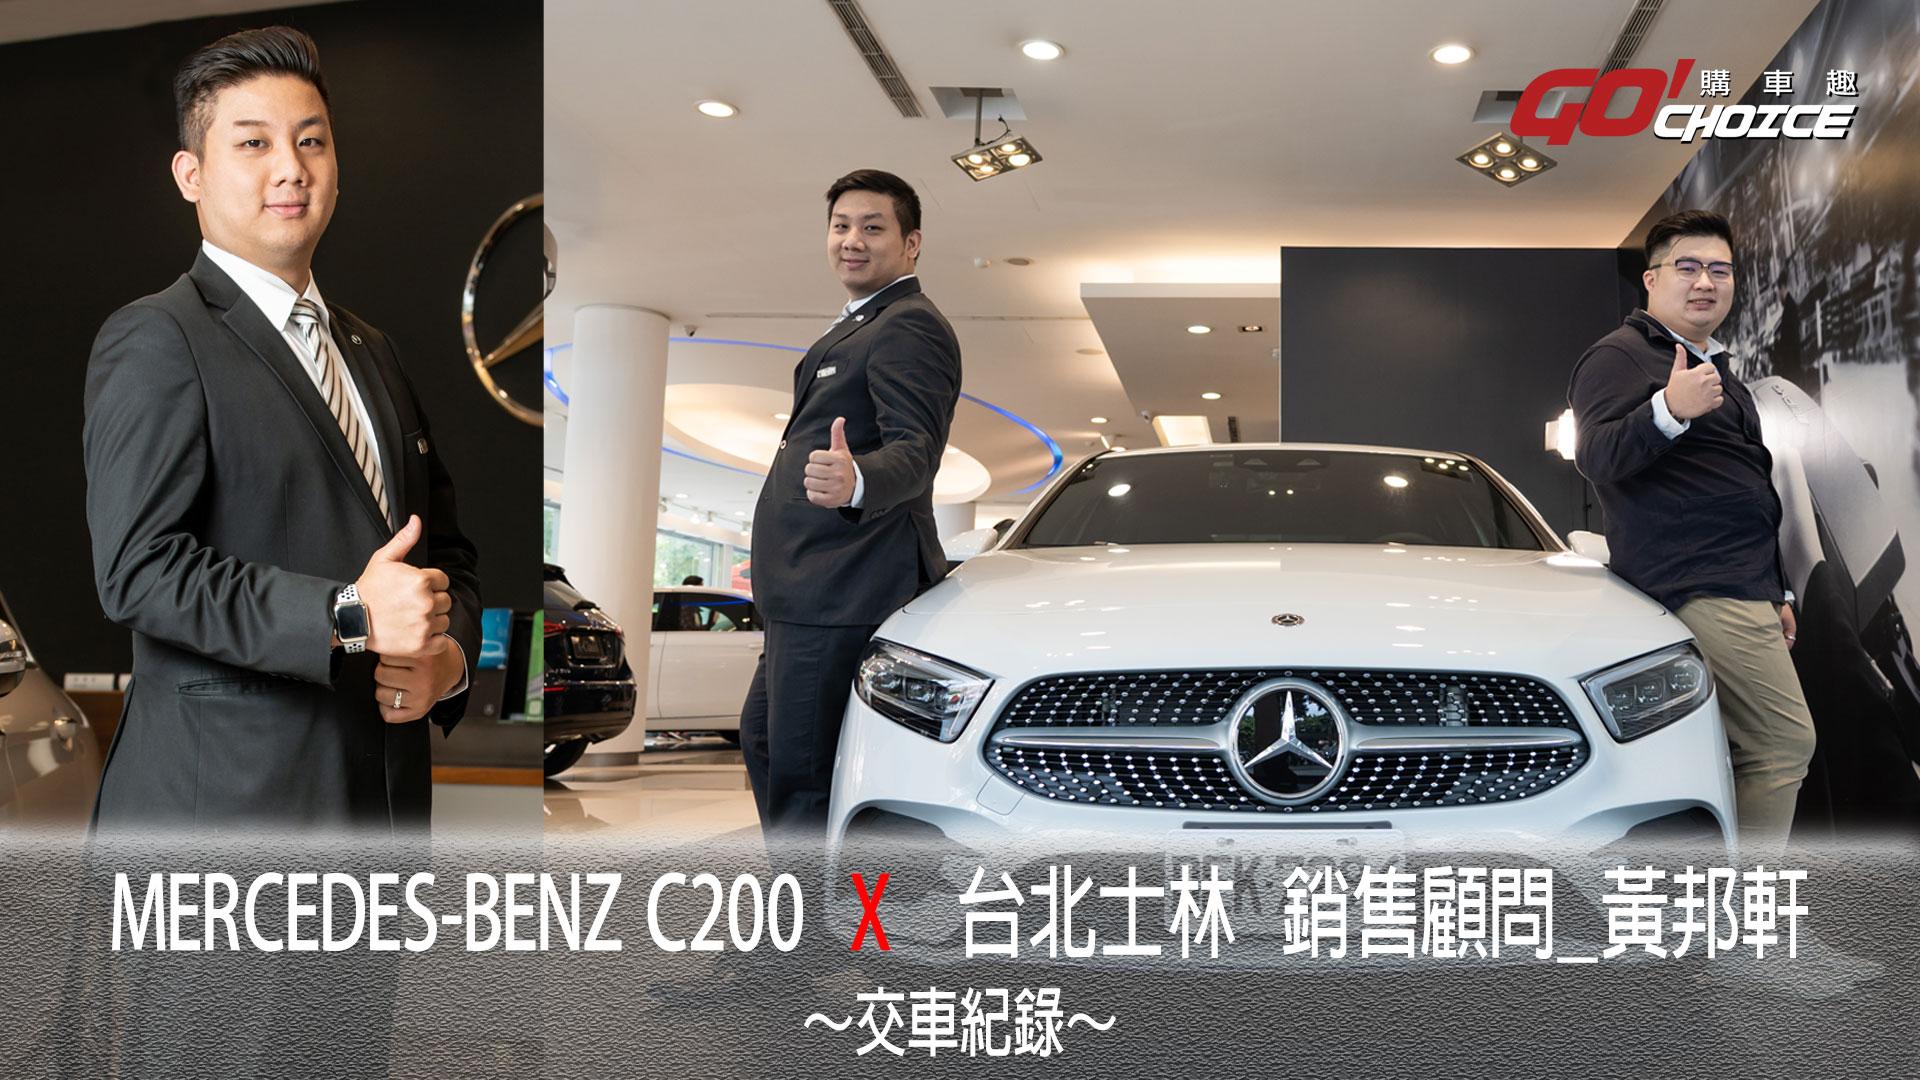 交車紀錄影片_賓士 士林 銷售顧問_黃邦軒